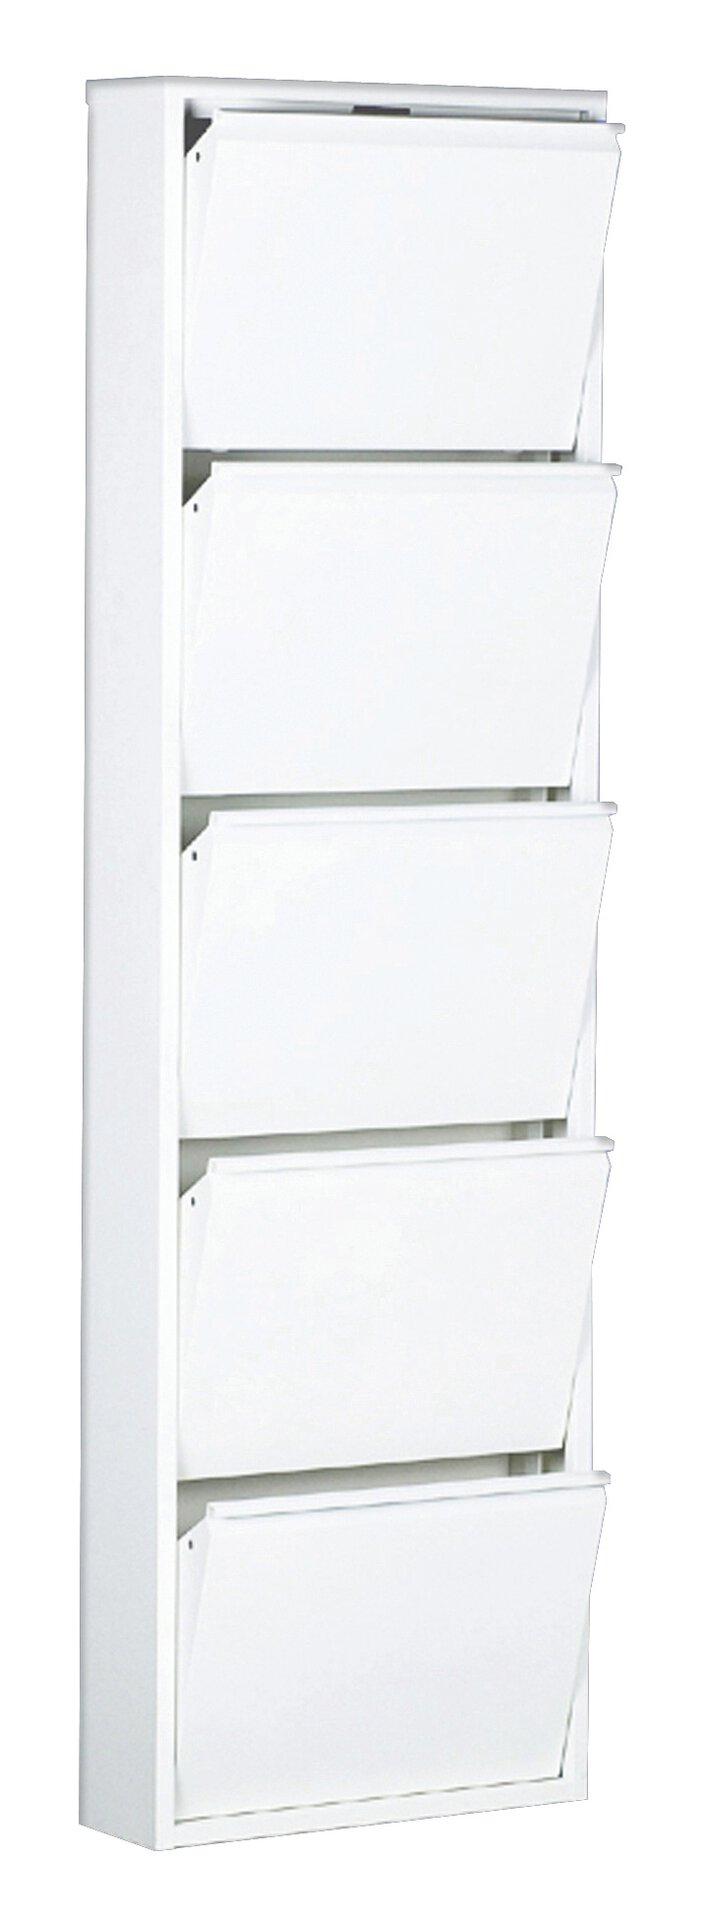 Schuhschrank WIT.5 inbuy Holzwerkstoff weiß 15 x 169 x 51 cm